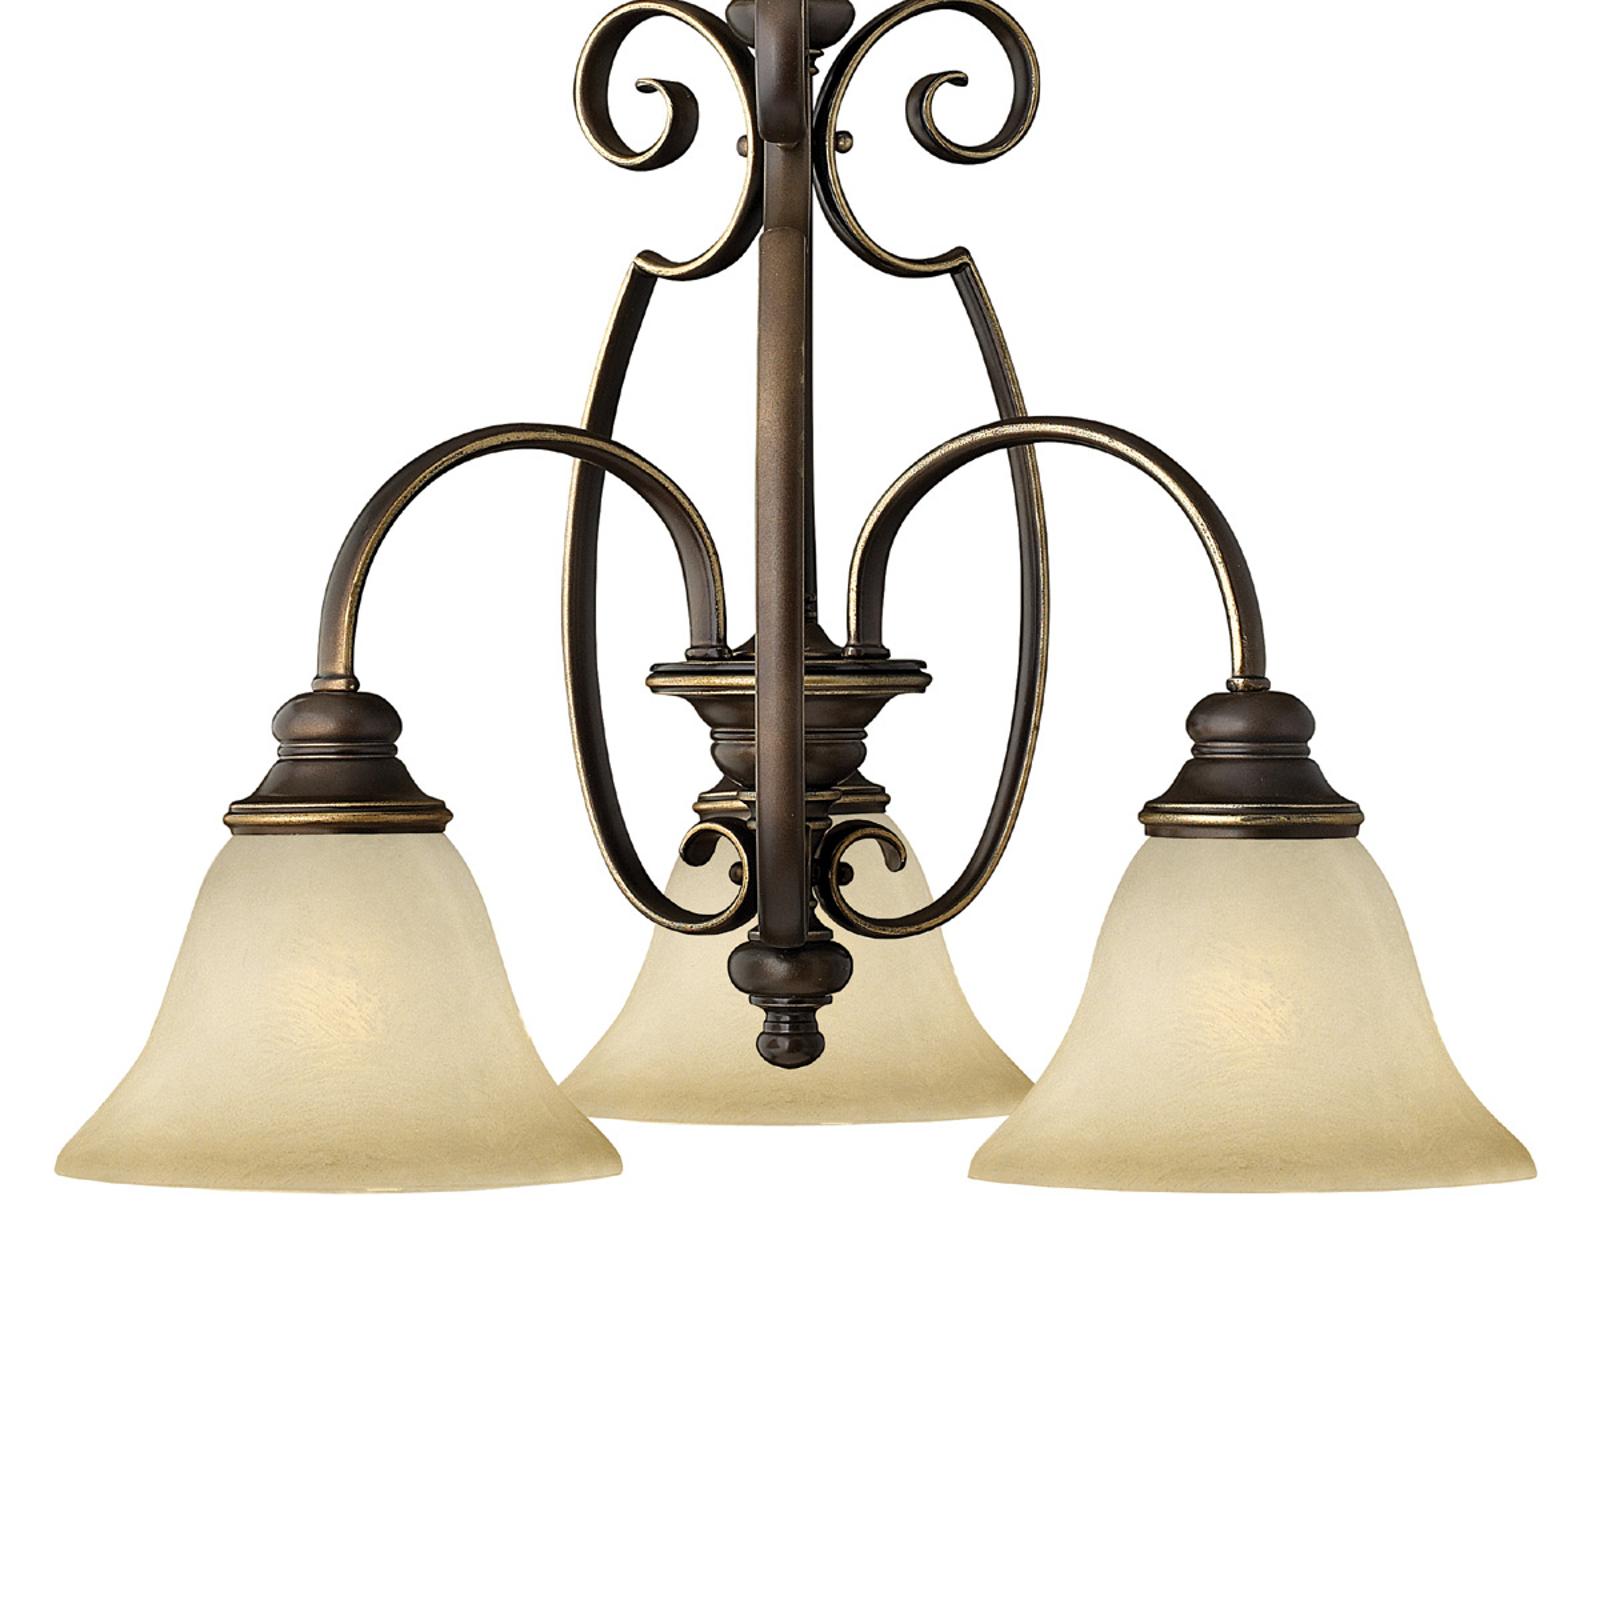 Suspension à 3 lampes CELLO